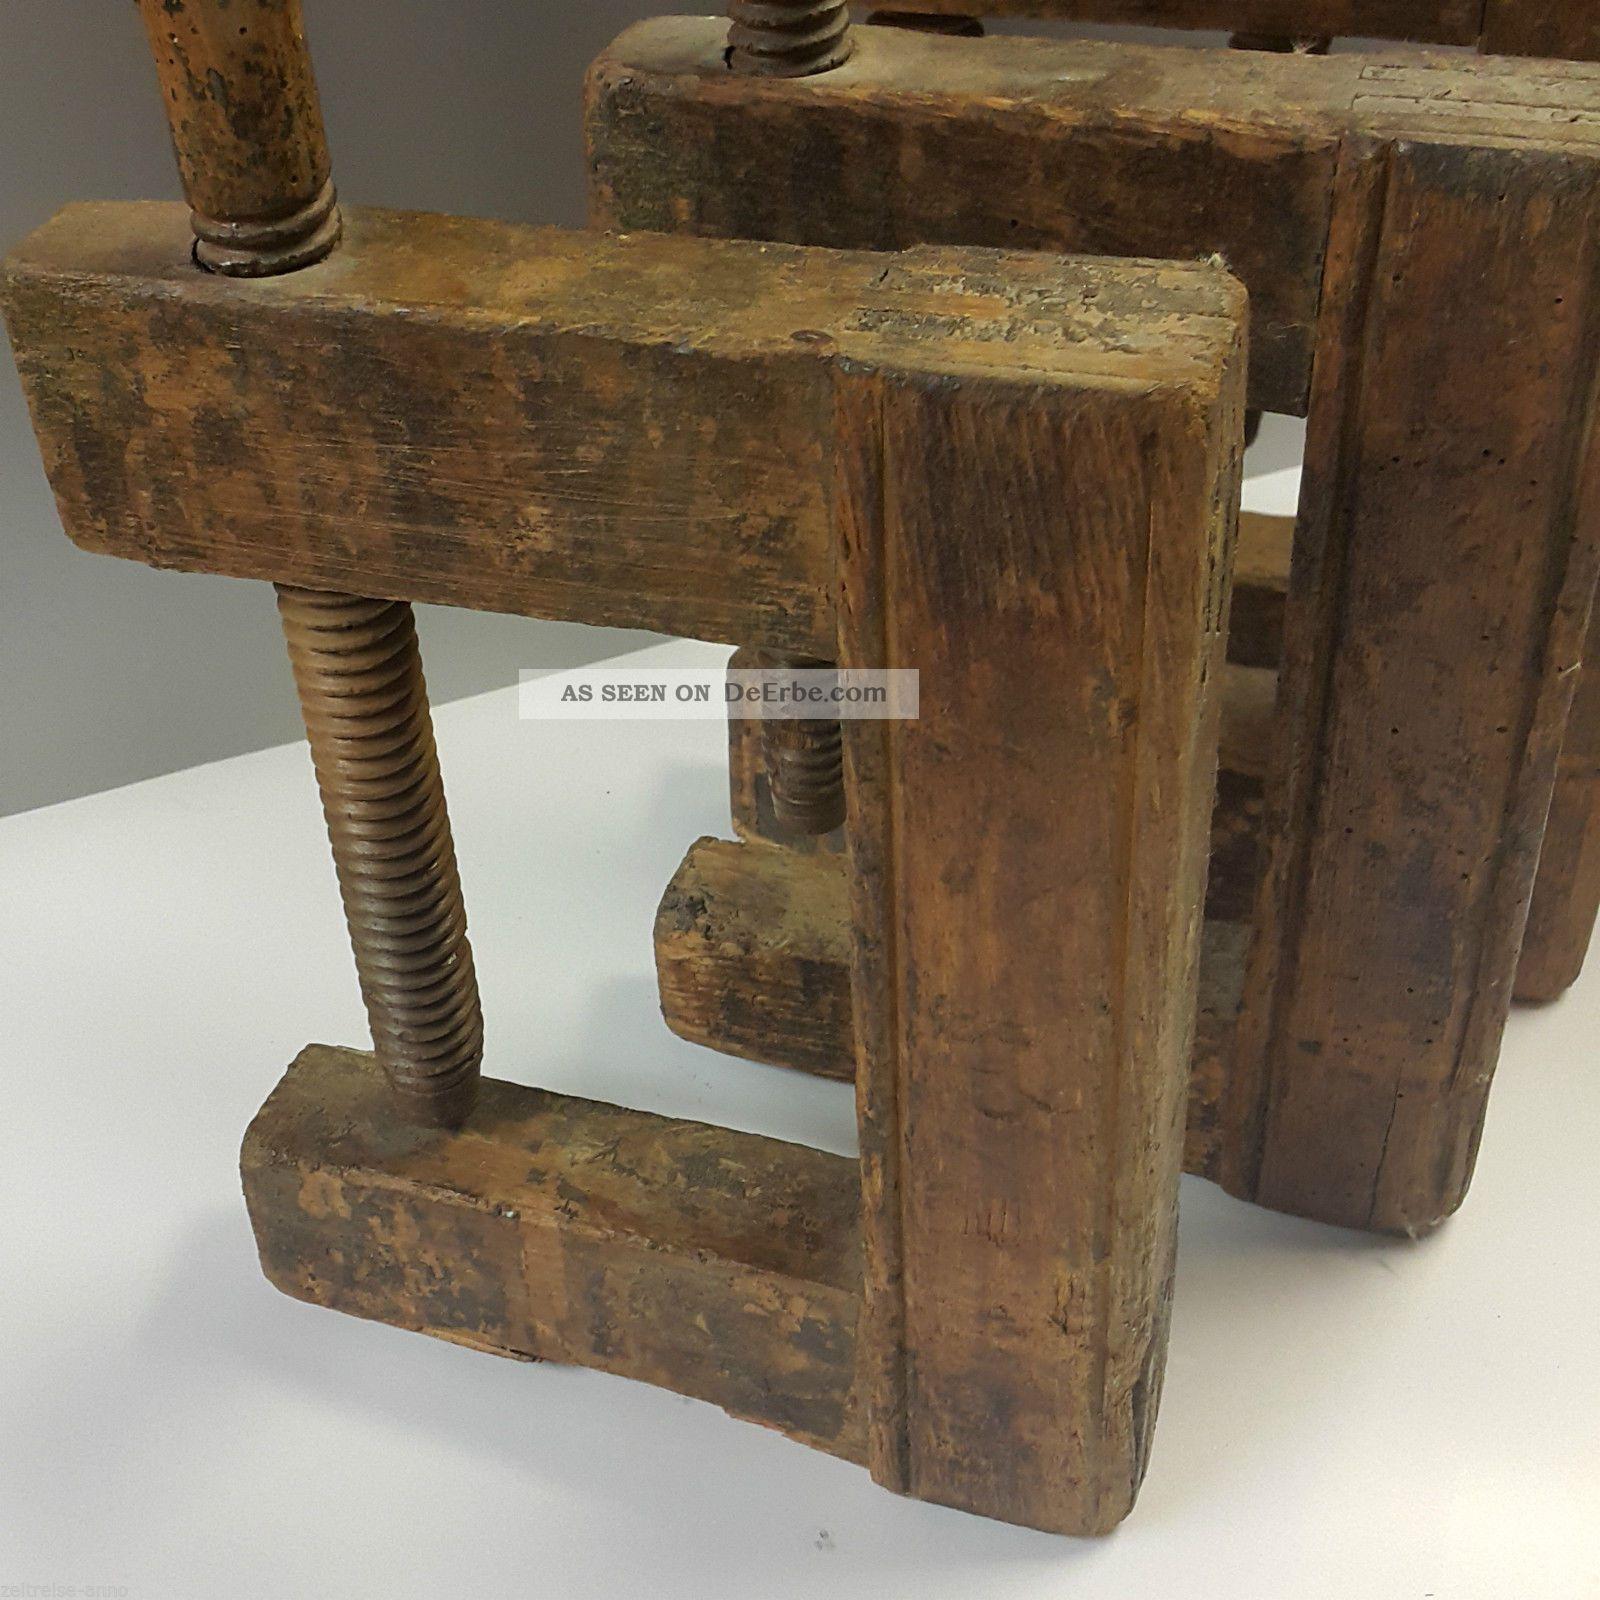 6 antike holz schraubzwingen holzgewinde zimmermann tischler schreiner um 1880. Black Bedroom Furniture Sets. Home Design Ideas